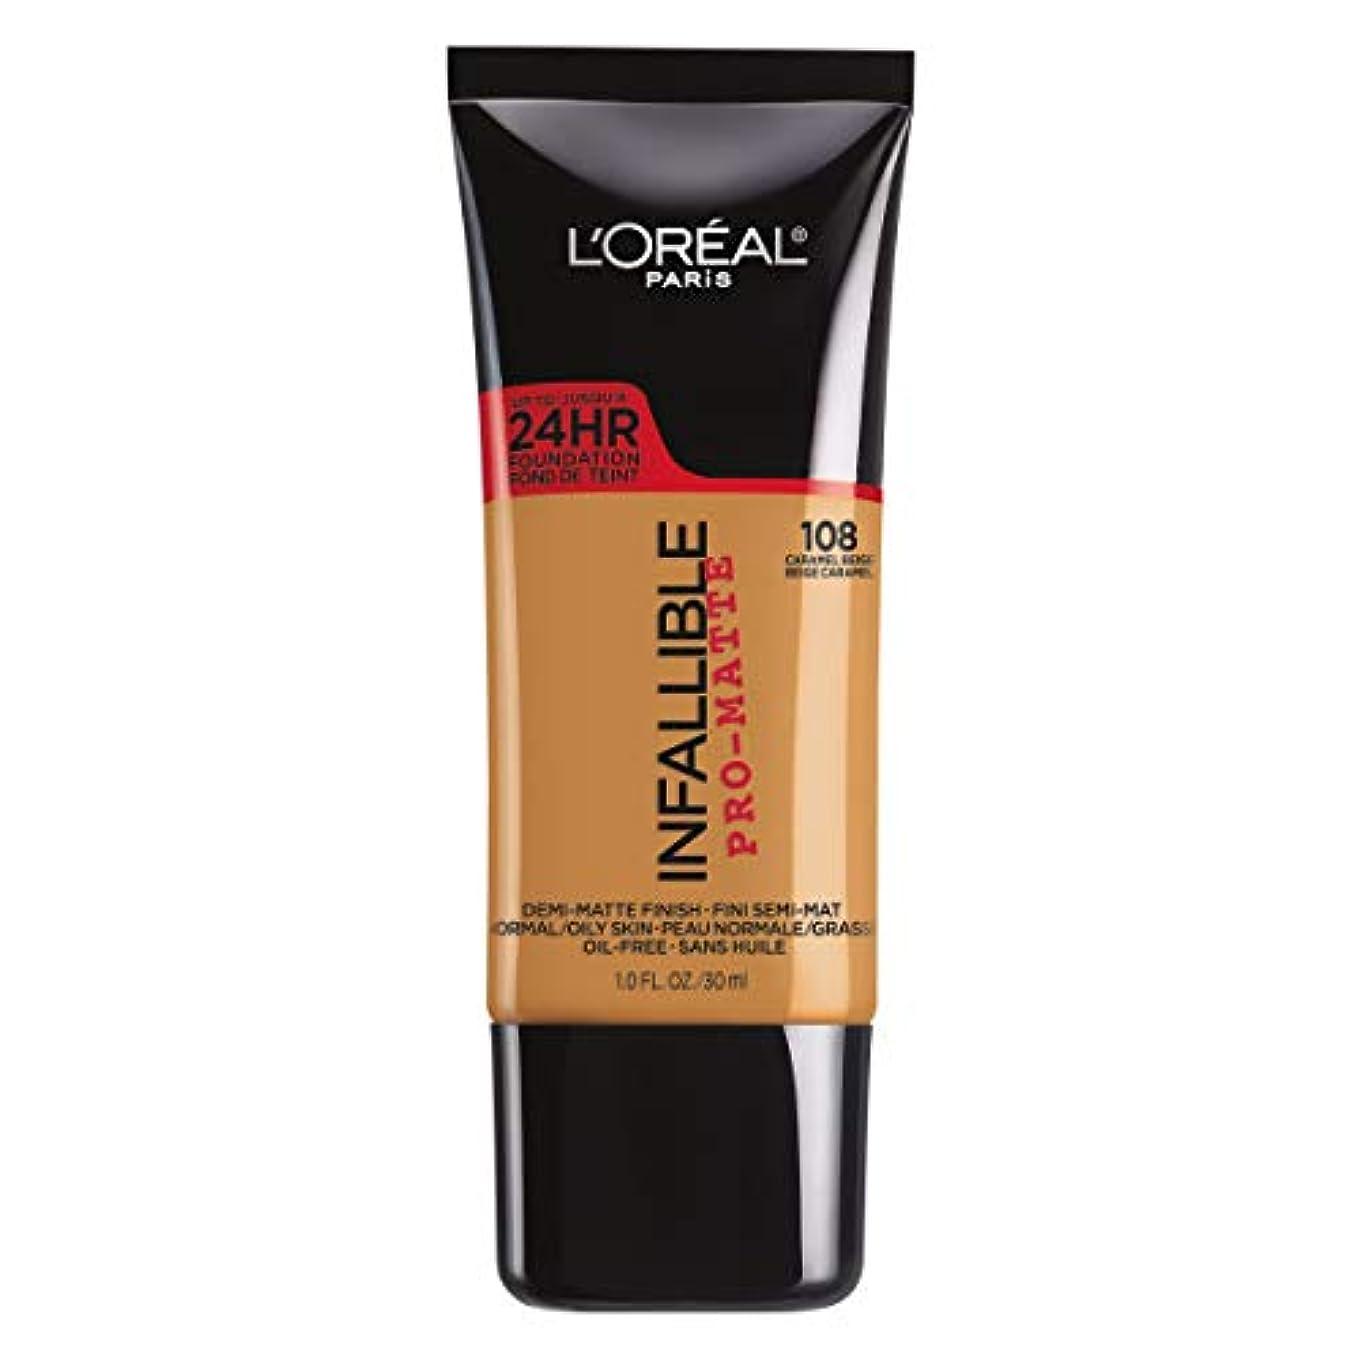 近傍政令ブラウザL'Oreal Paris Infallible Pro-Matte Foundation Makeup, 108 Caramel Beige, 1 fl. oz[並行輸入品]